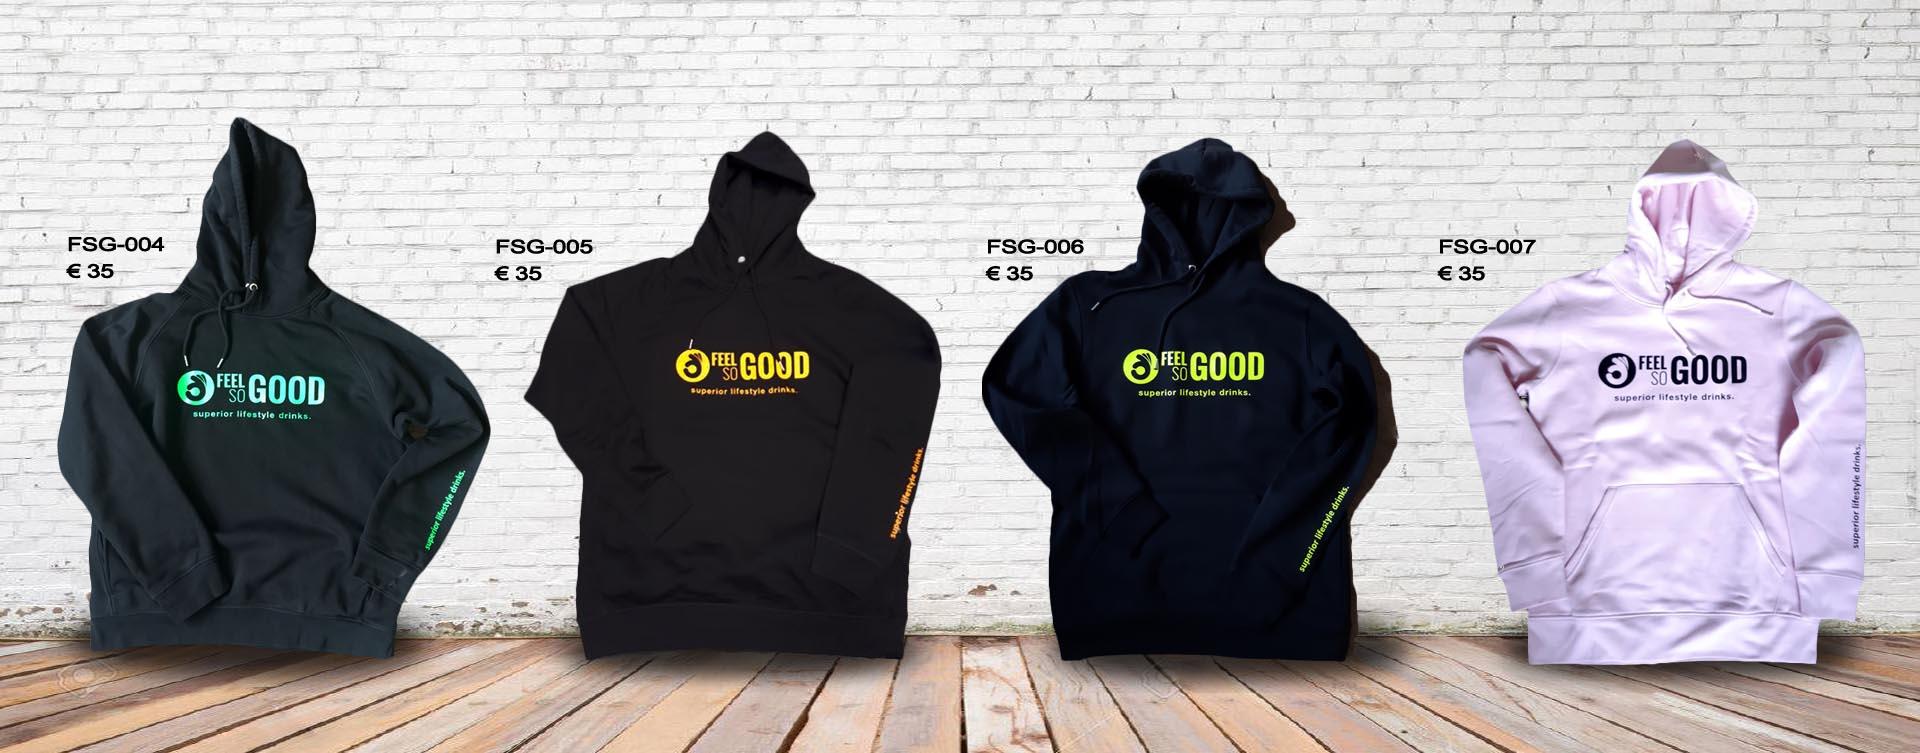 Feel so good hoodies2